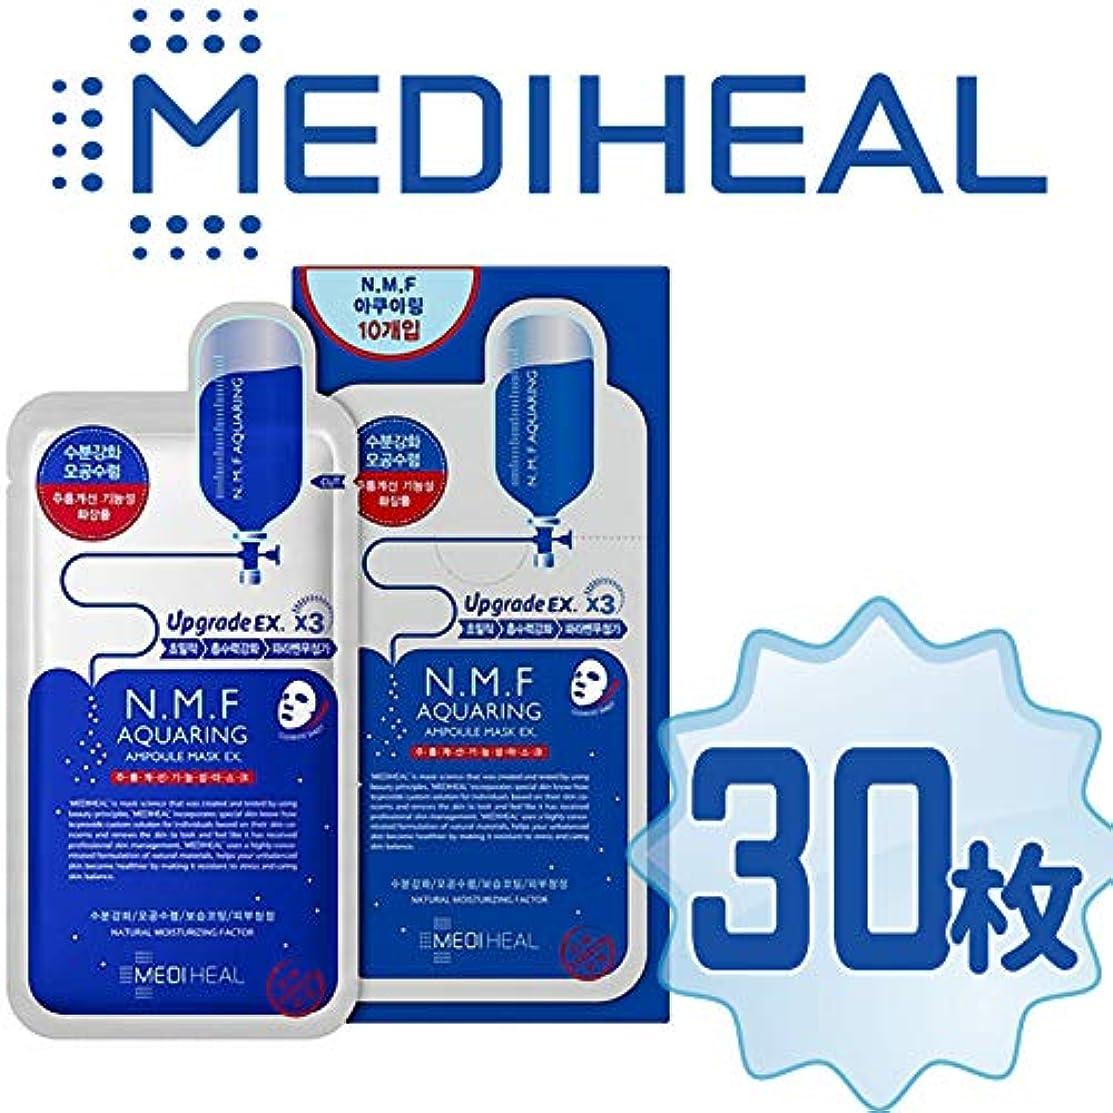 王族ラウンジ人差し指【正規輸入品】Mediheal メディヒール N.M.F アクアリング アンプル?マスクパックEX 10枚入り×3(Aquaring Ampoule Essential Mask PackEX 1box(10sheet)×3